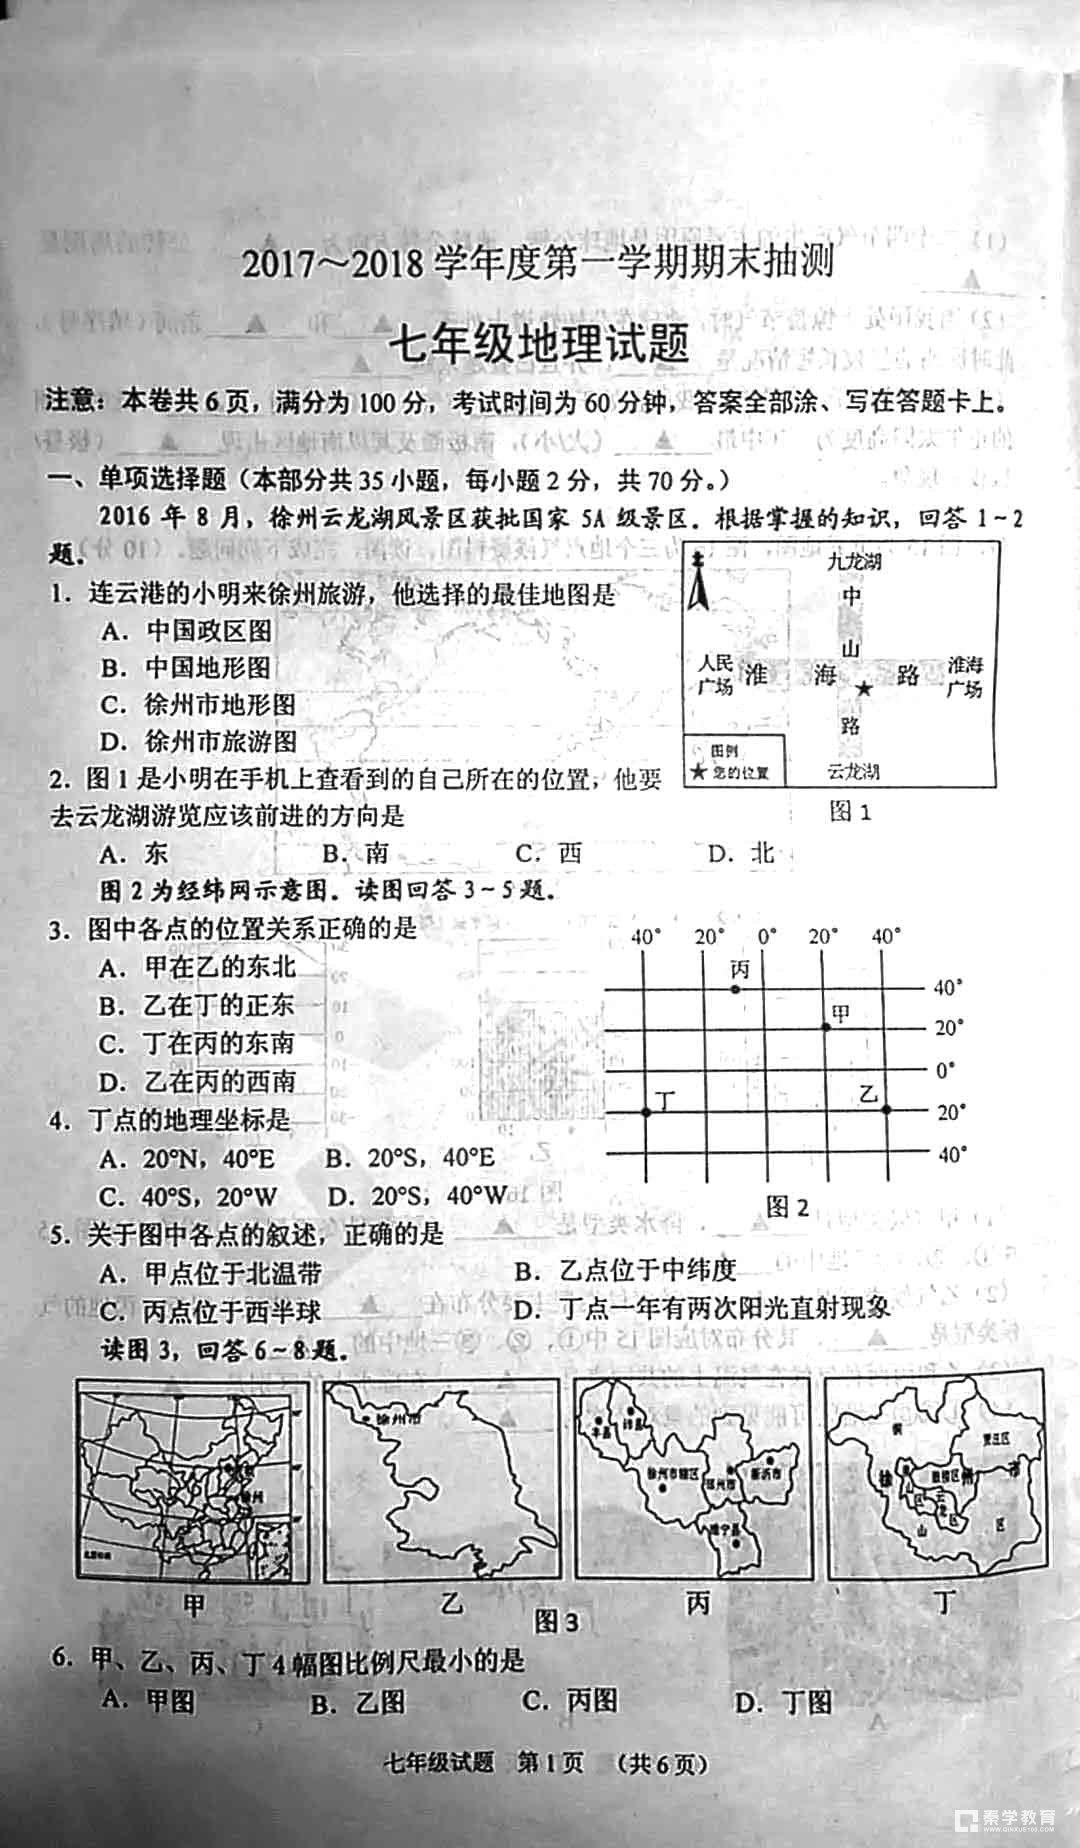 徐州市初一2017-2018学年上学期地理科目期末考试试题分享!